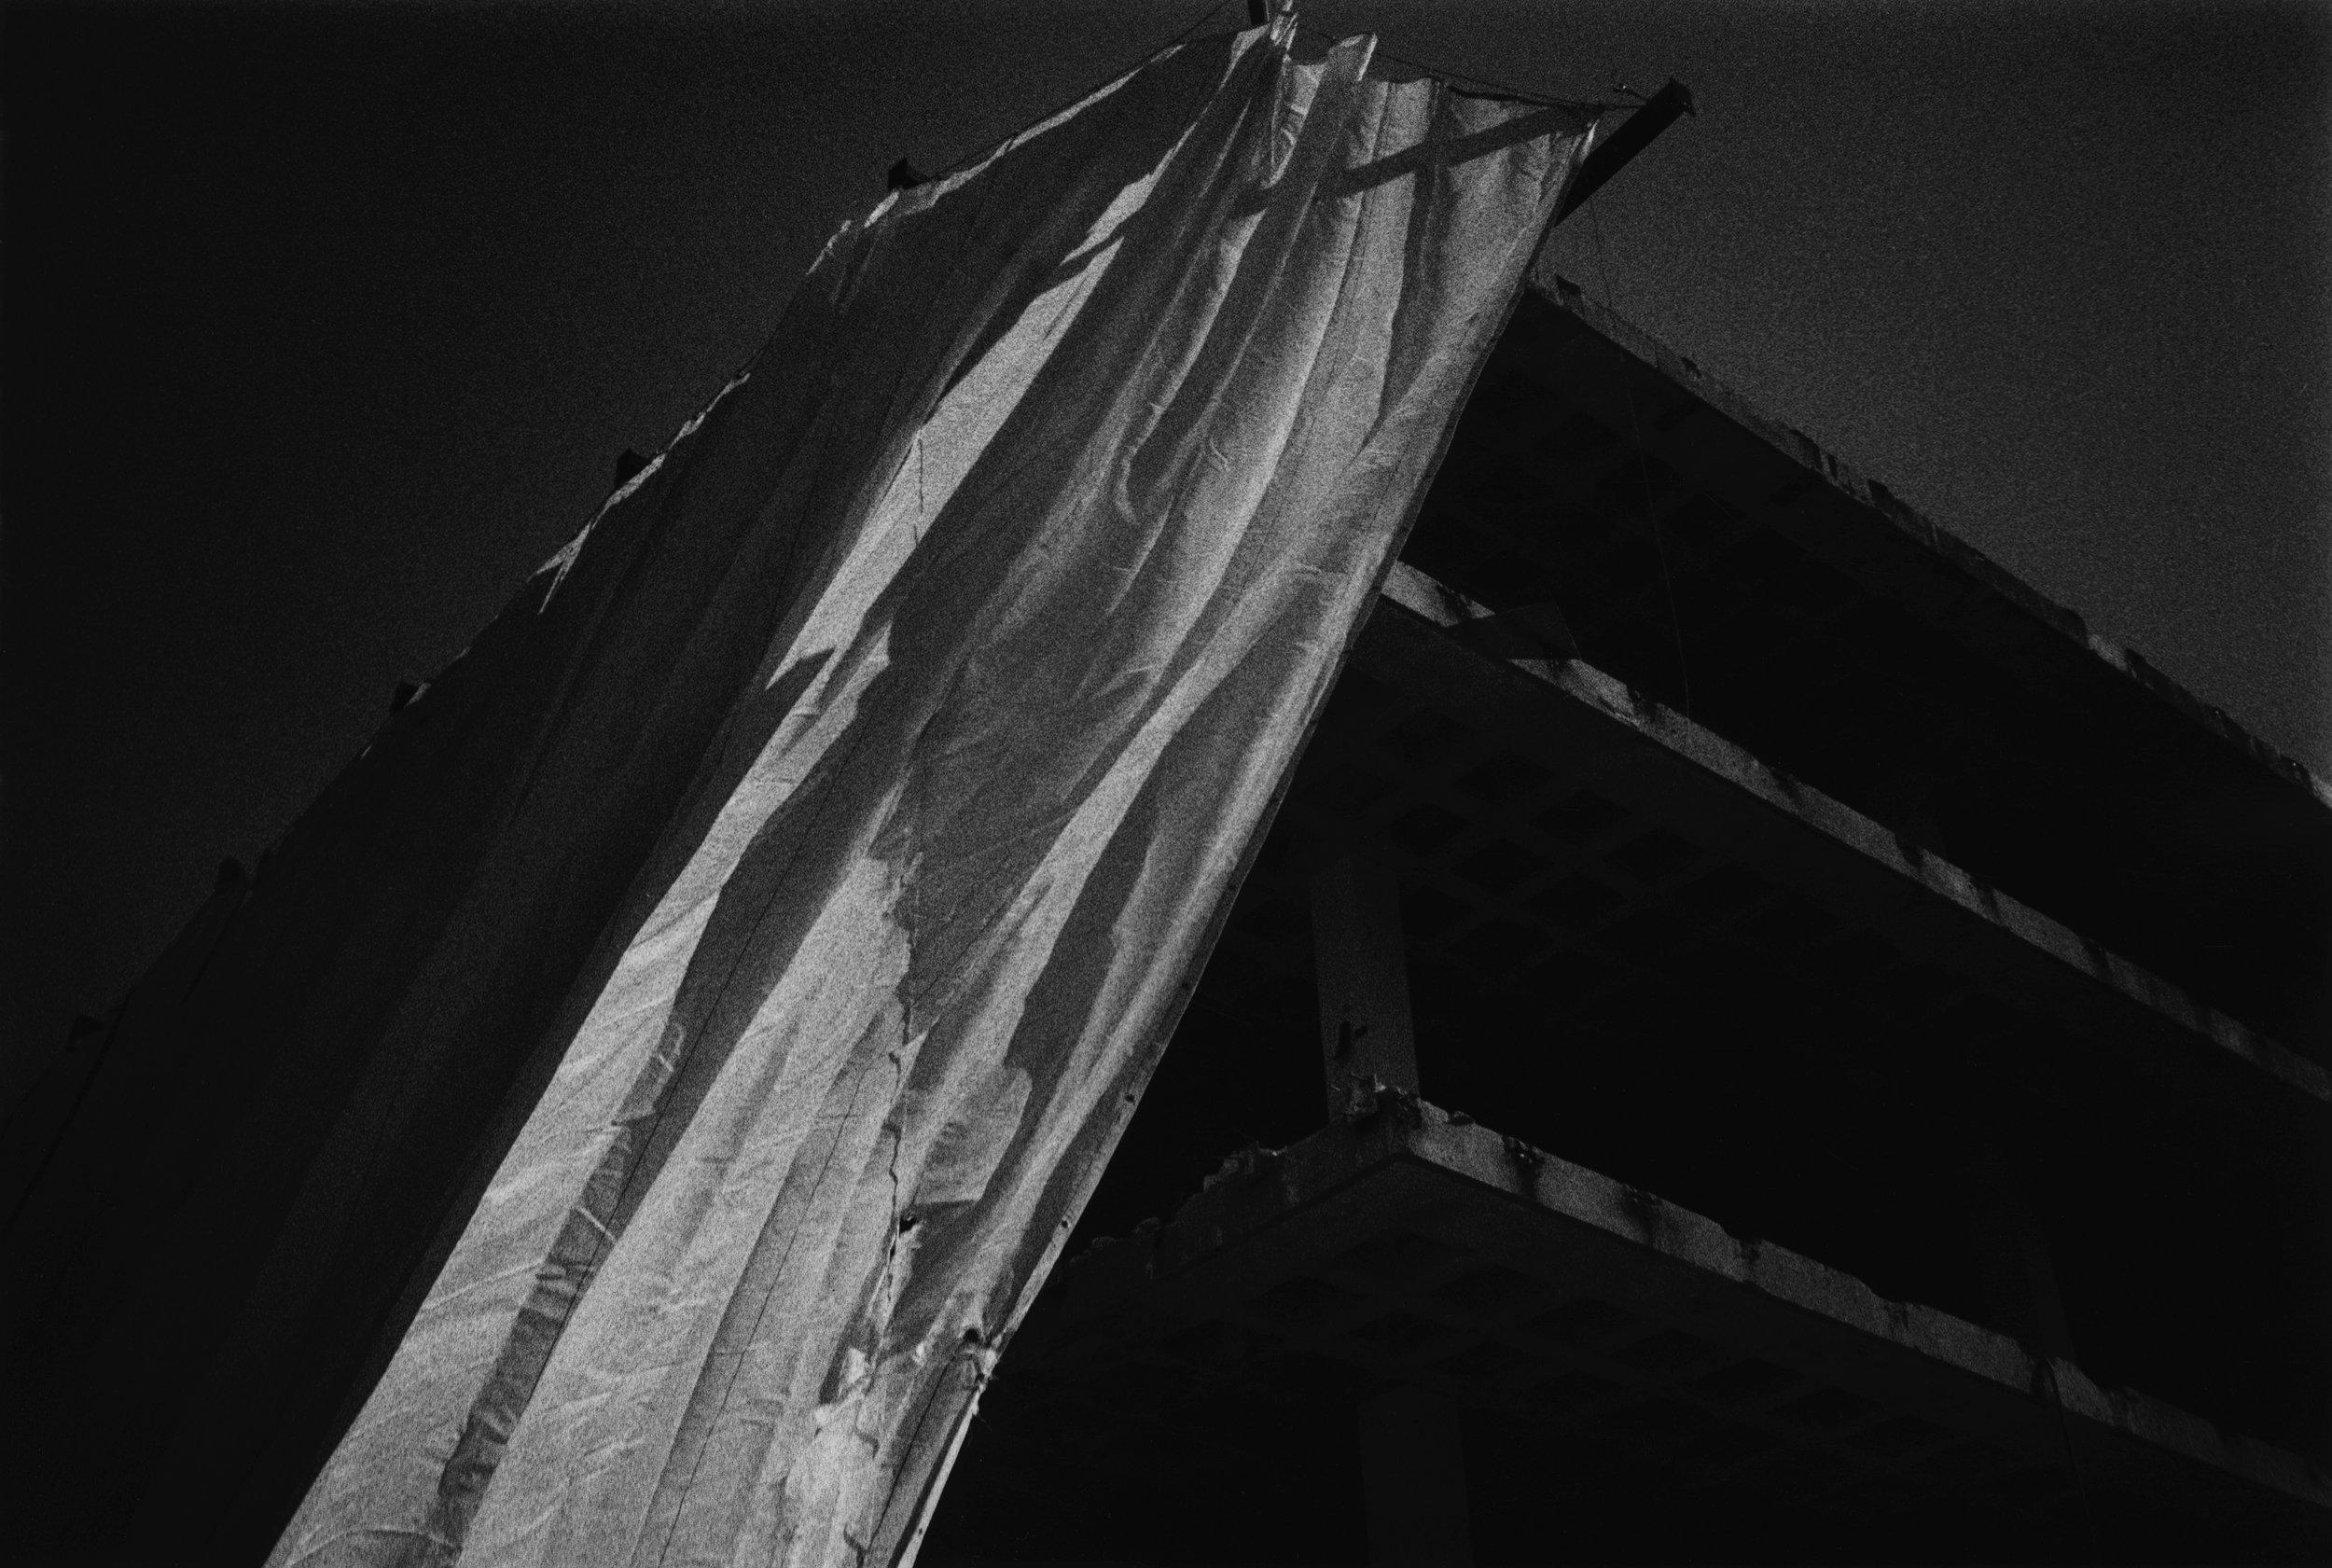 建築的帆-50%sacd.jpg